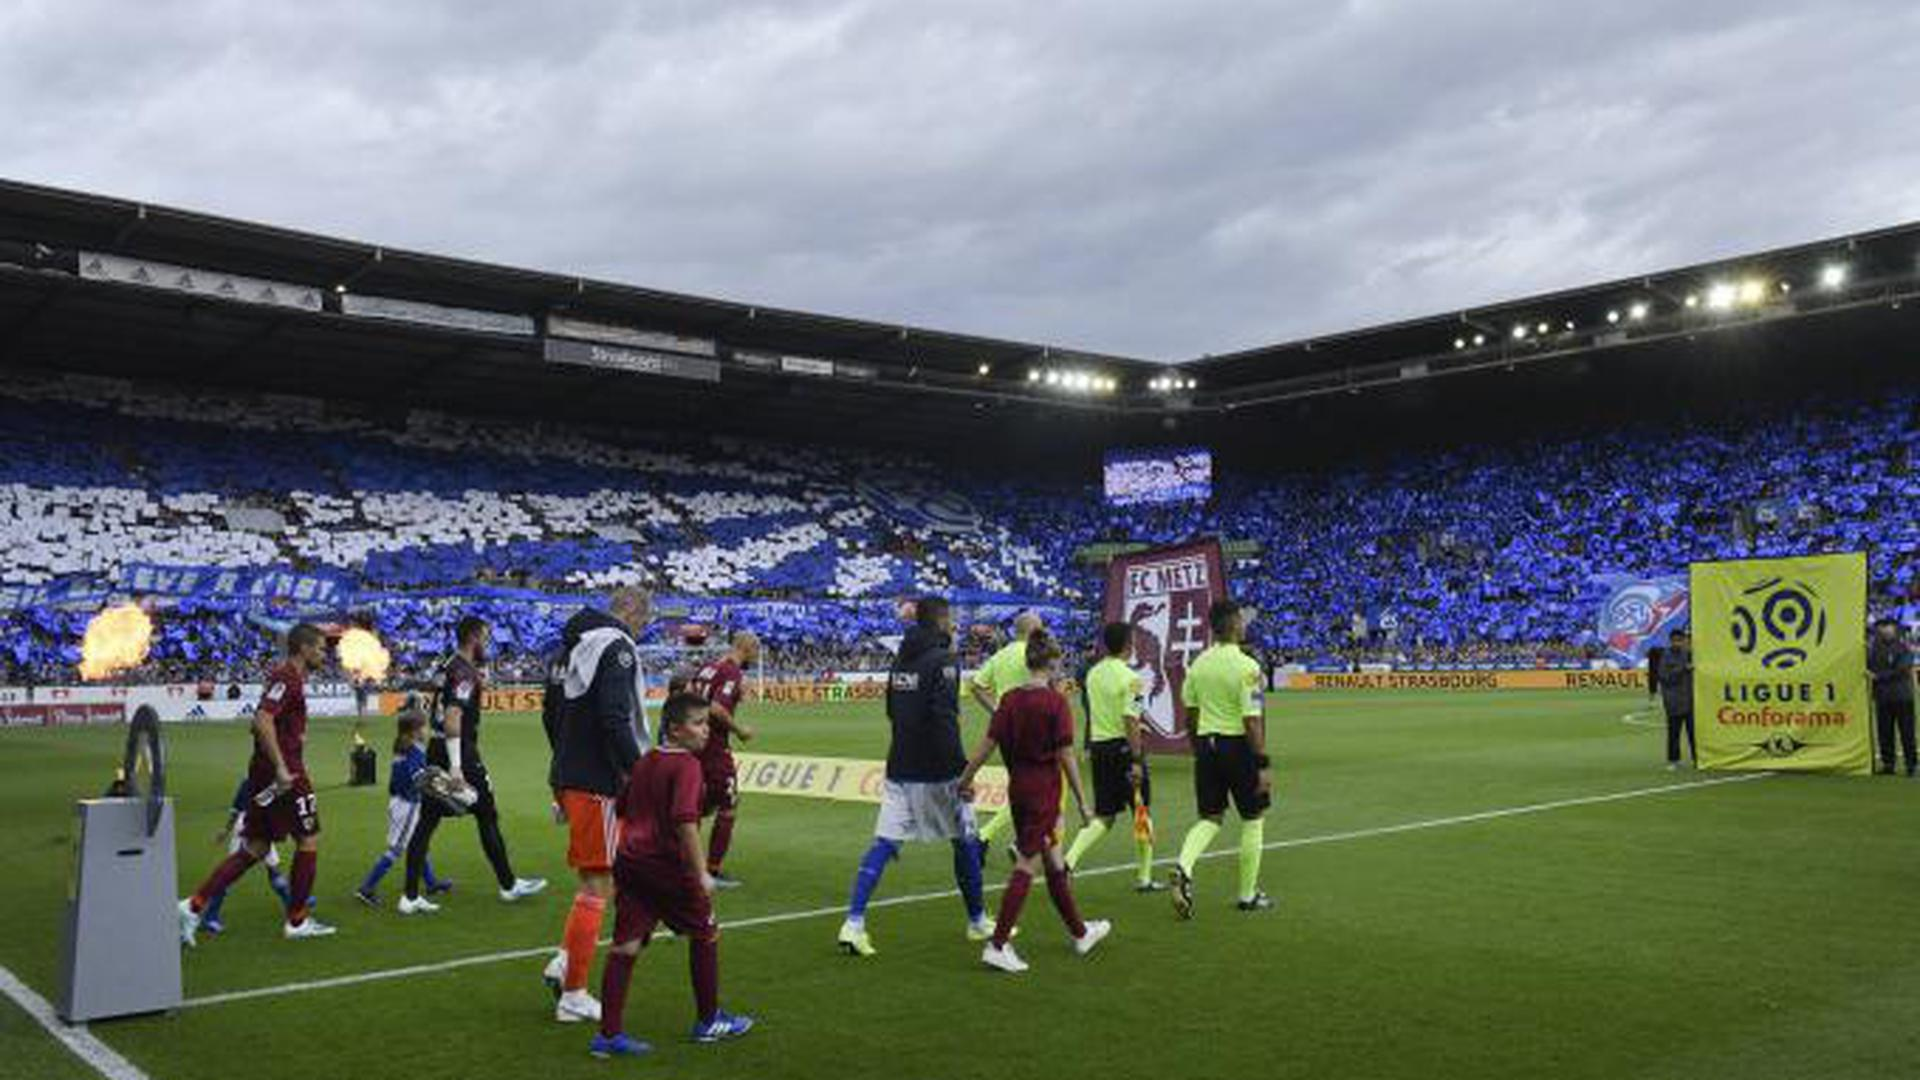 Immer volle Hütte: Das Stade de la Meinau zum Ligaauftakt gegen den FC Metz ausverkauft – so wie fast immer, wenn Racing Straßburg zu Hause spielt. Gegen Eintracht Frankfurt will Straßburg die Gruppenphase der Europa League erreichen.